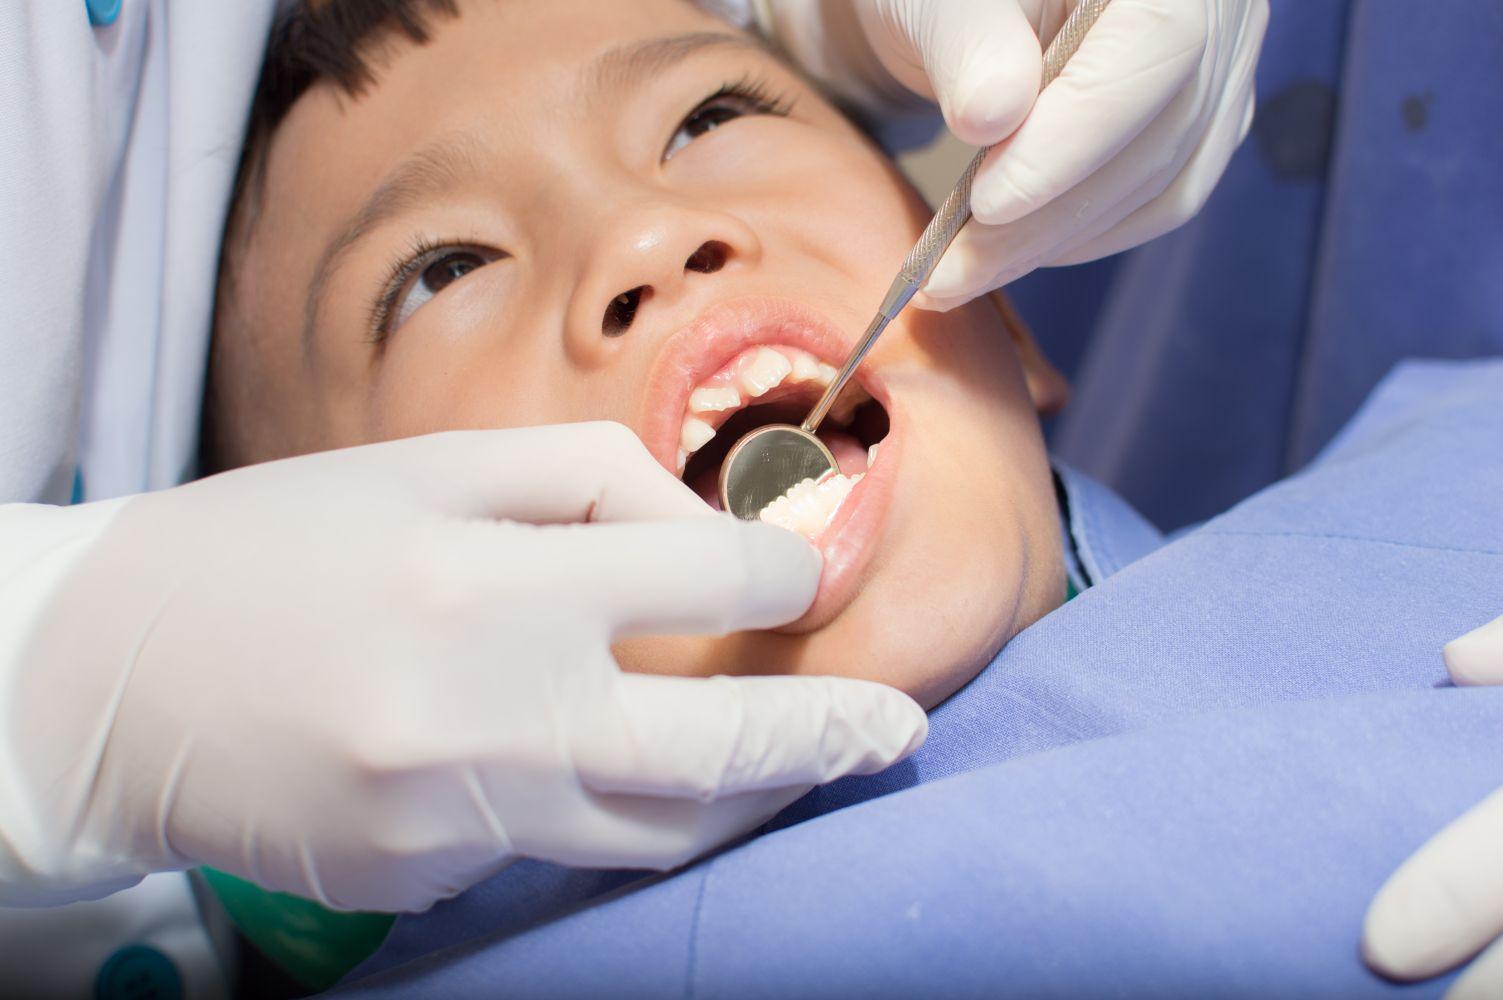 Pediatric dentist, Ewa Beach, HI